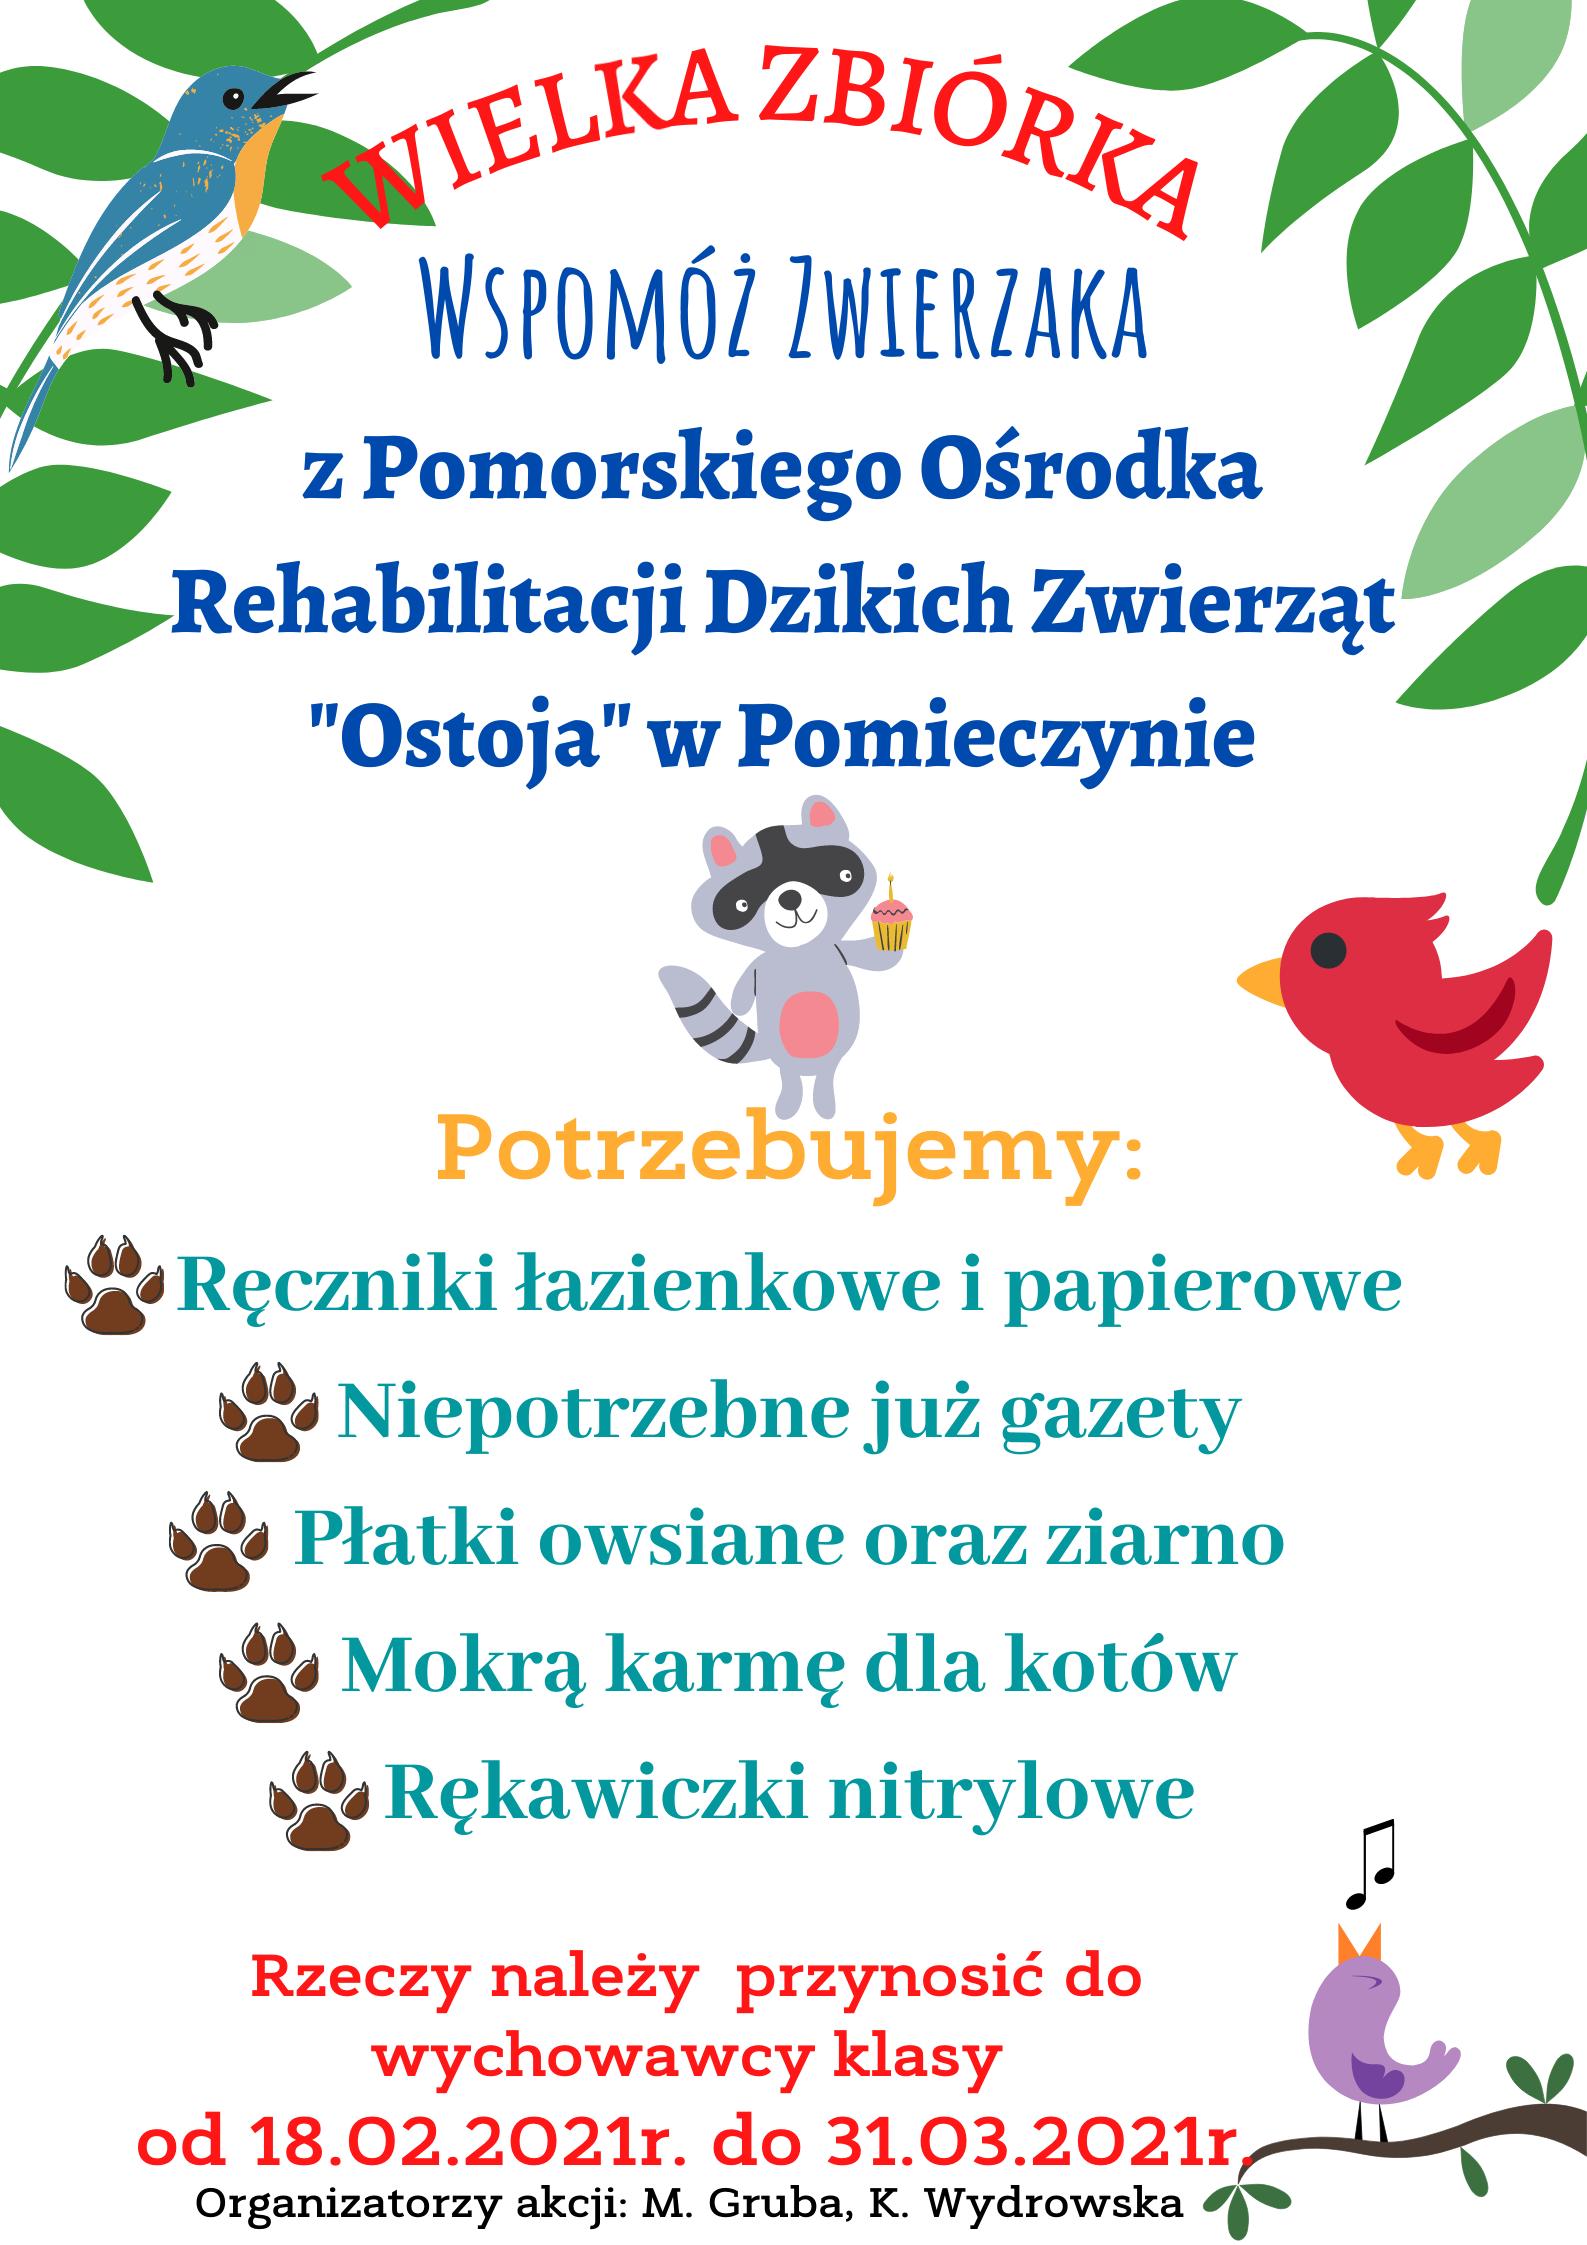 Zbiórka dla Pomorskiego Ośrodka Rehabilitacji Dzikich Zwierząt Ostoja